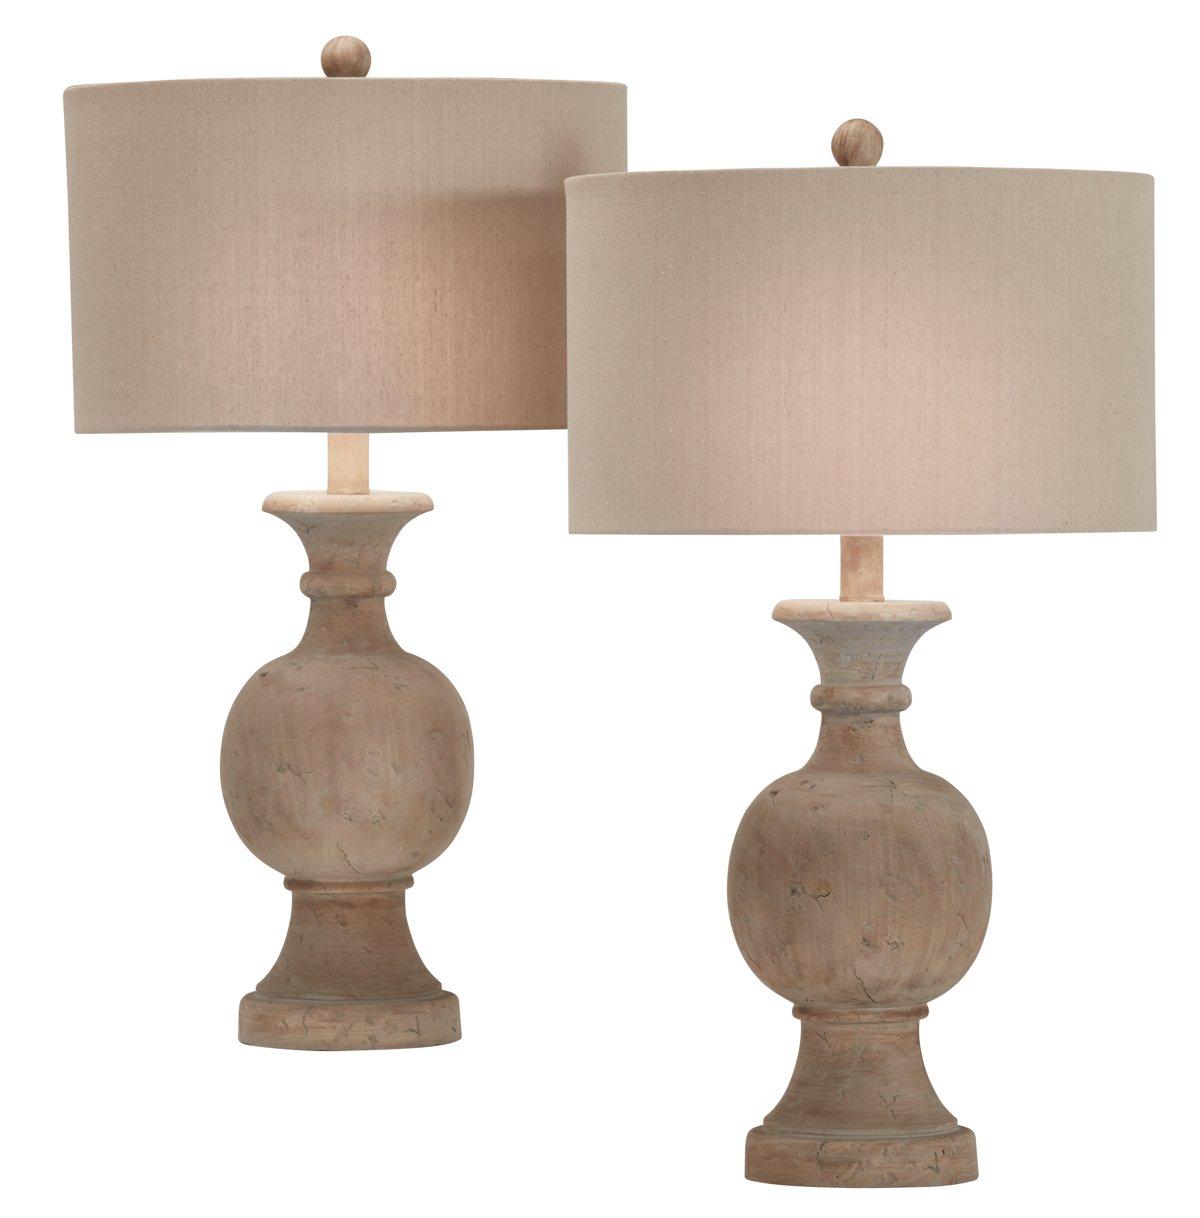 Ellis Taupe Table Lamp